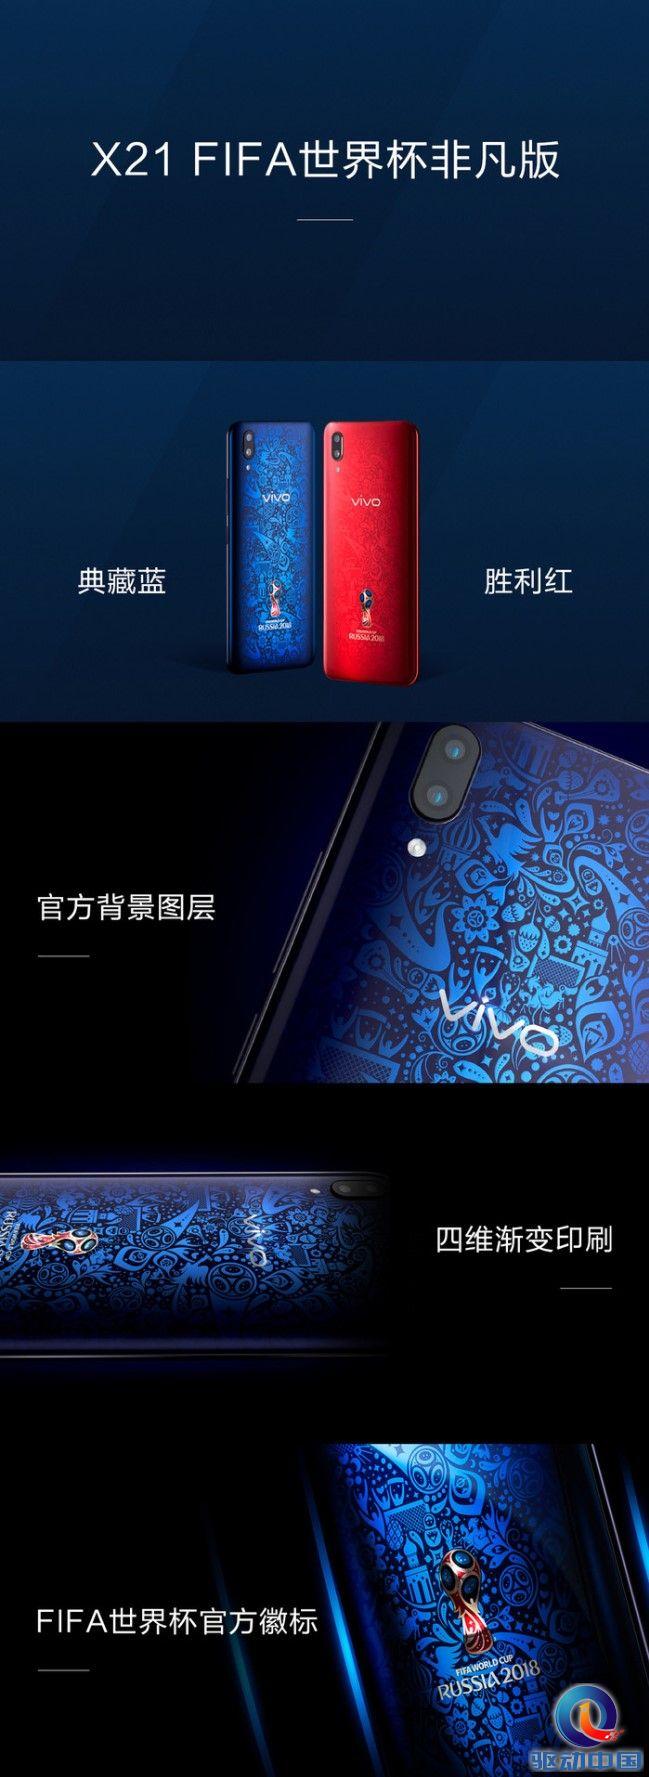 通過紅藍撞色設計,將象征vivo與victory的勝利v線置于鎖屏壁紙上,結合